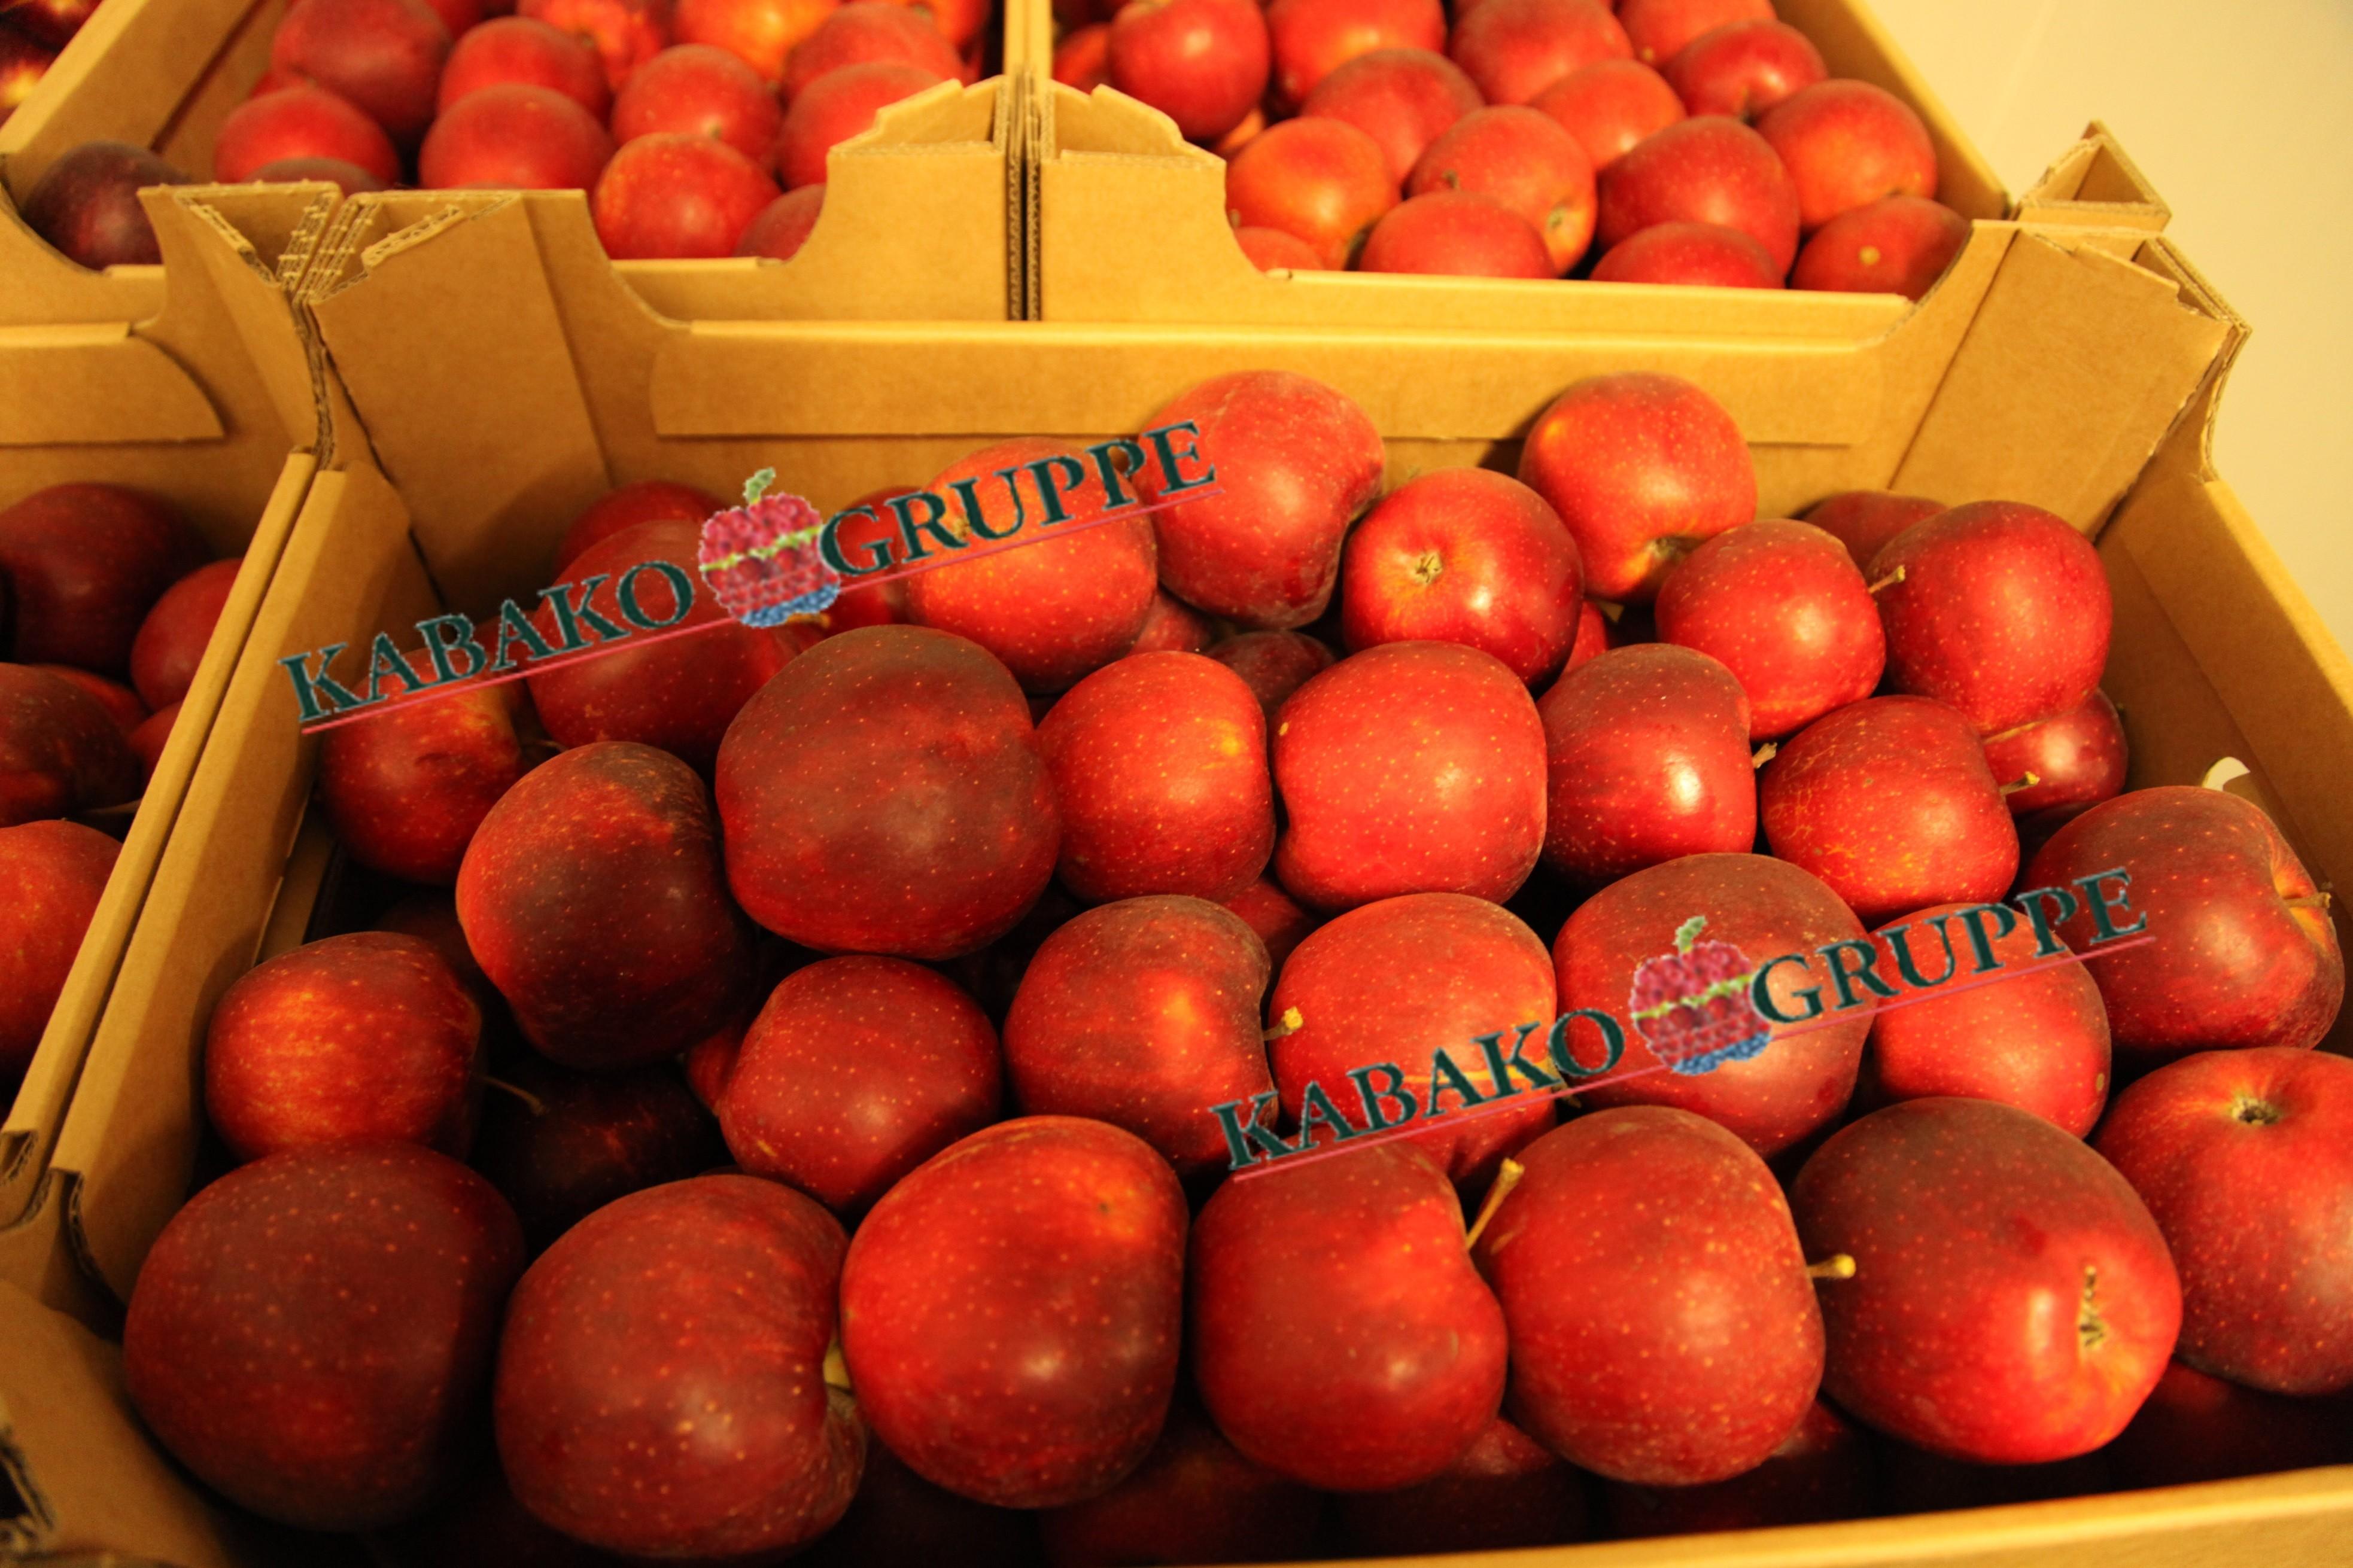 Frozen (IQF) Apples 84